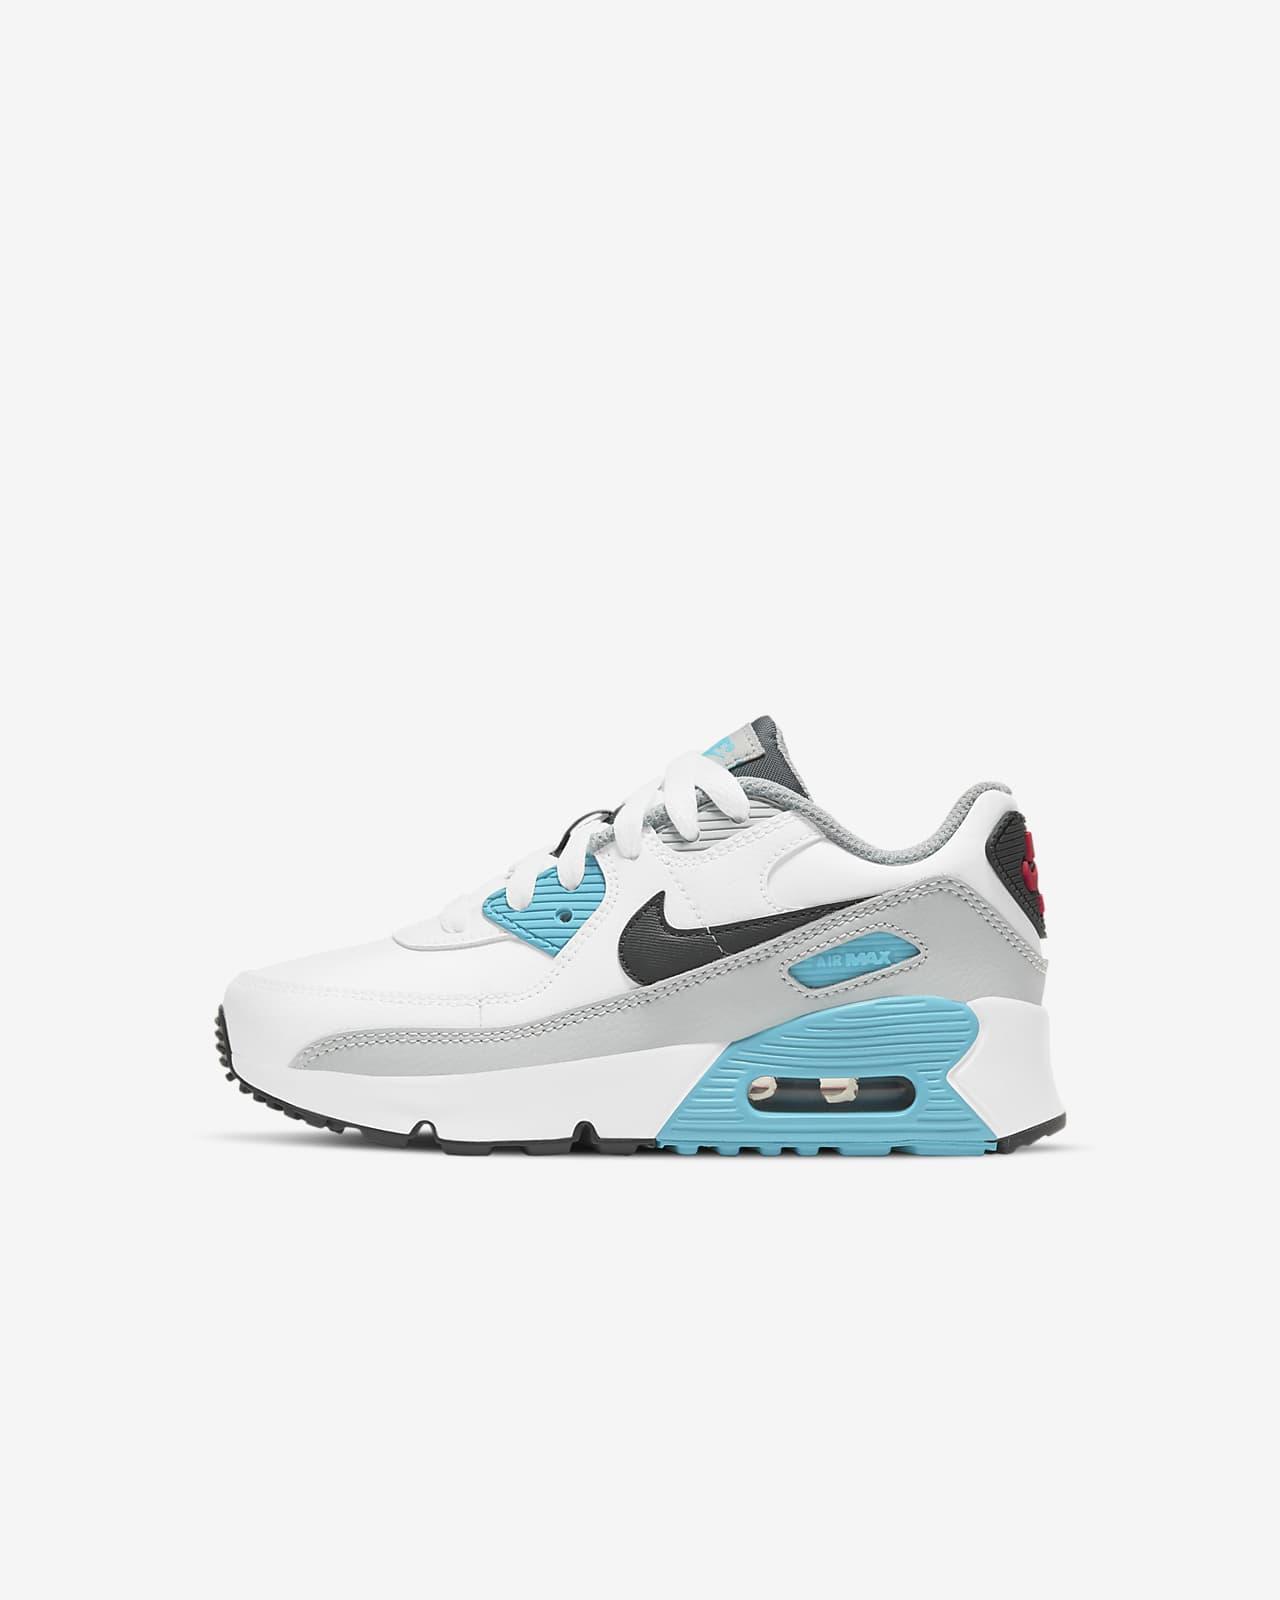 Nike Air Max 90 Schuh für jüngere Kinder